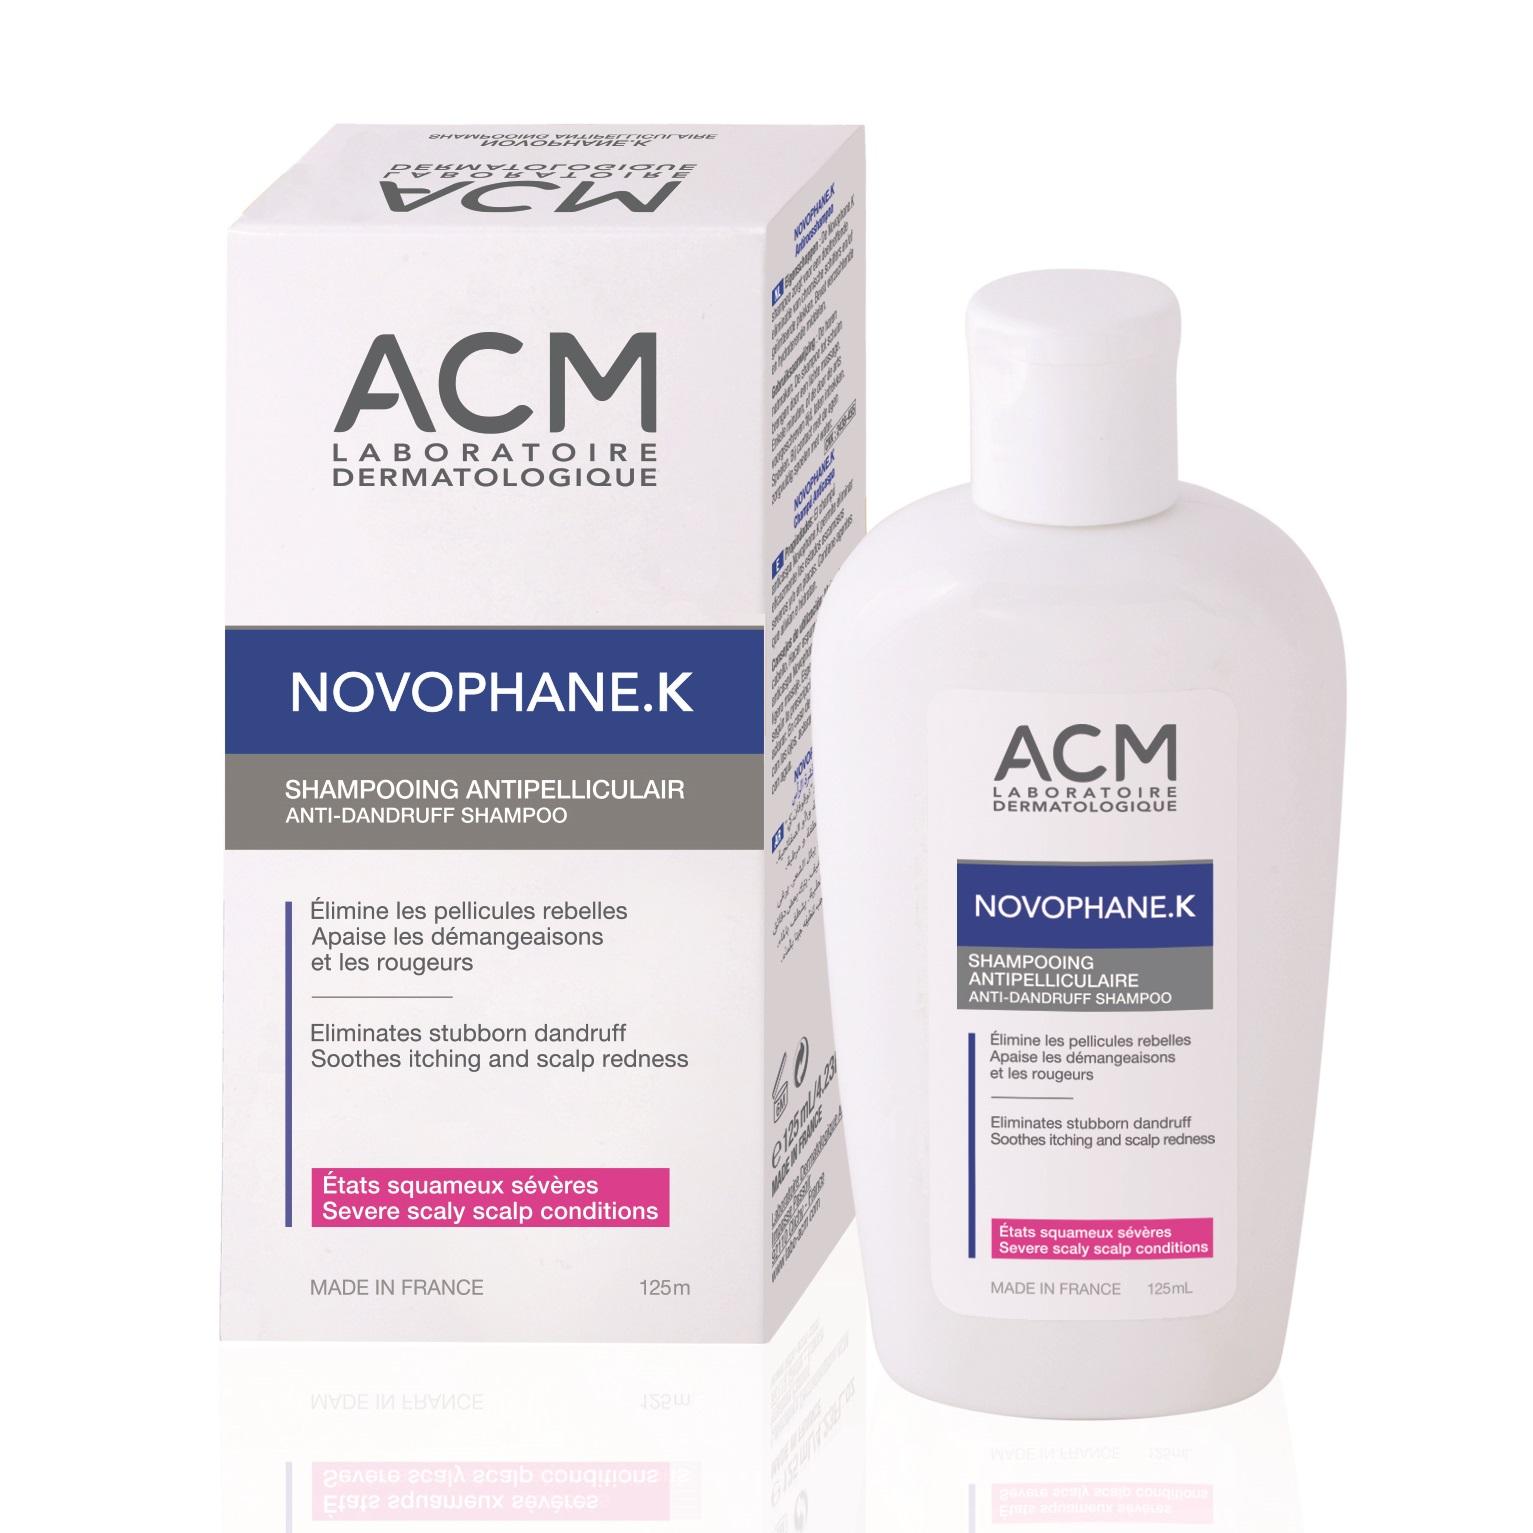 Șampon antimătreață Novophane K, 125 ml, Acm